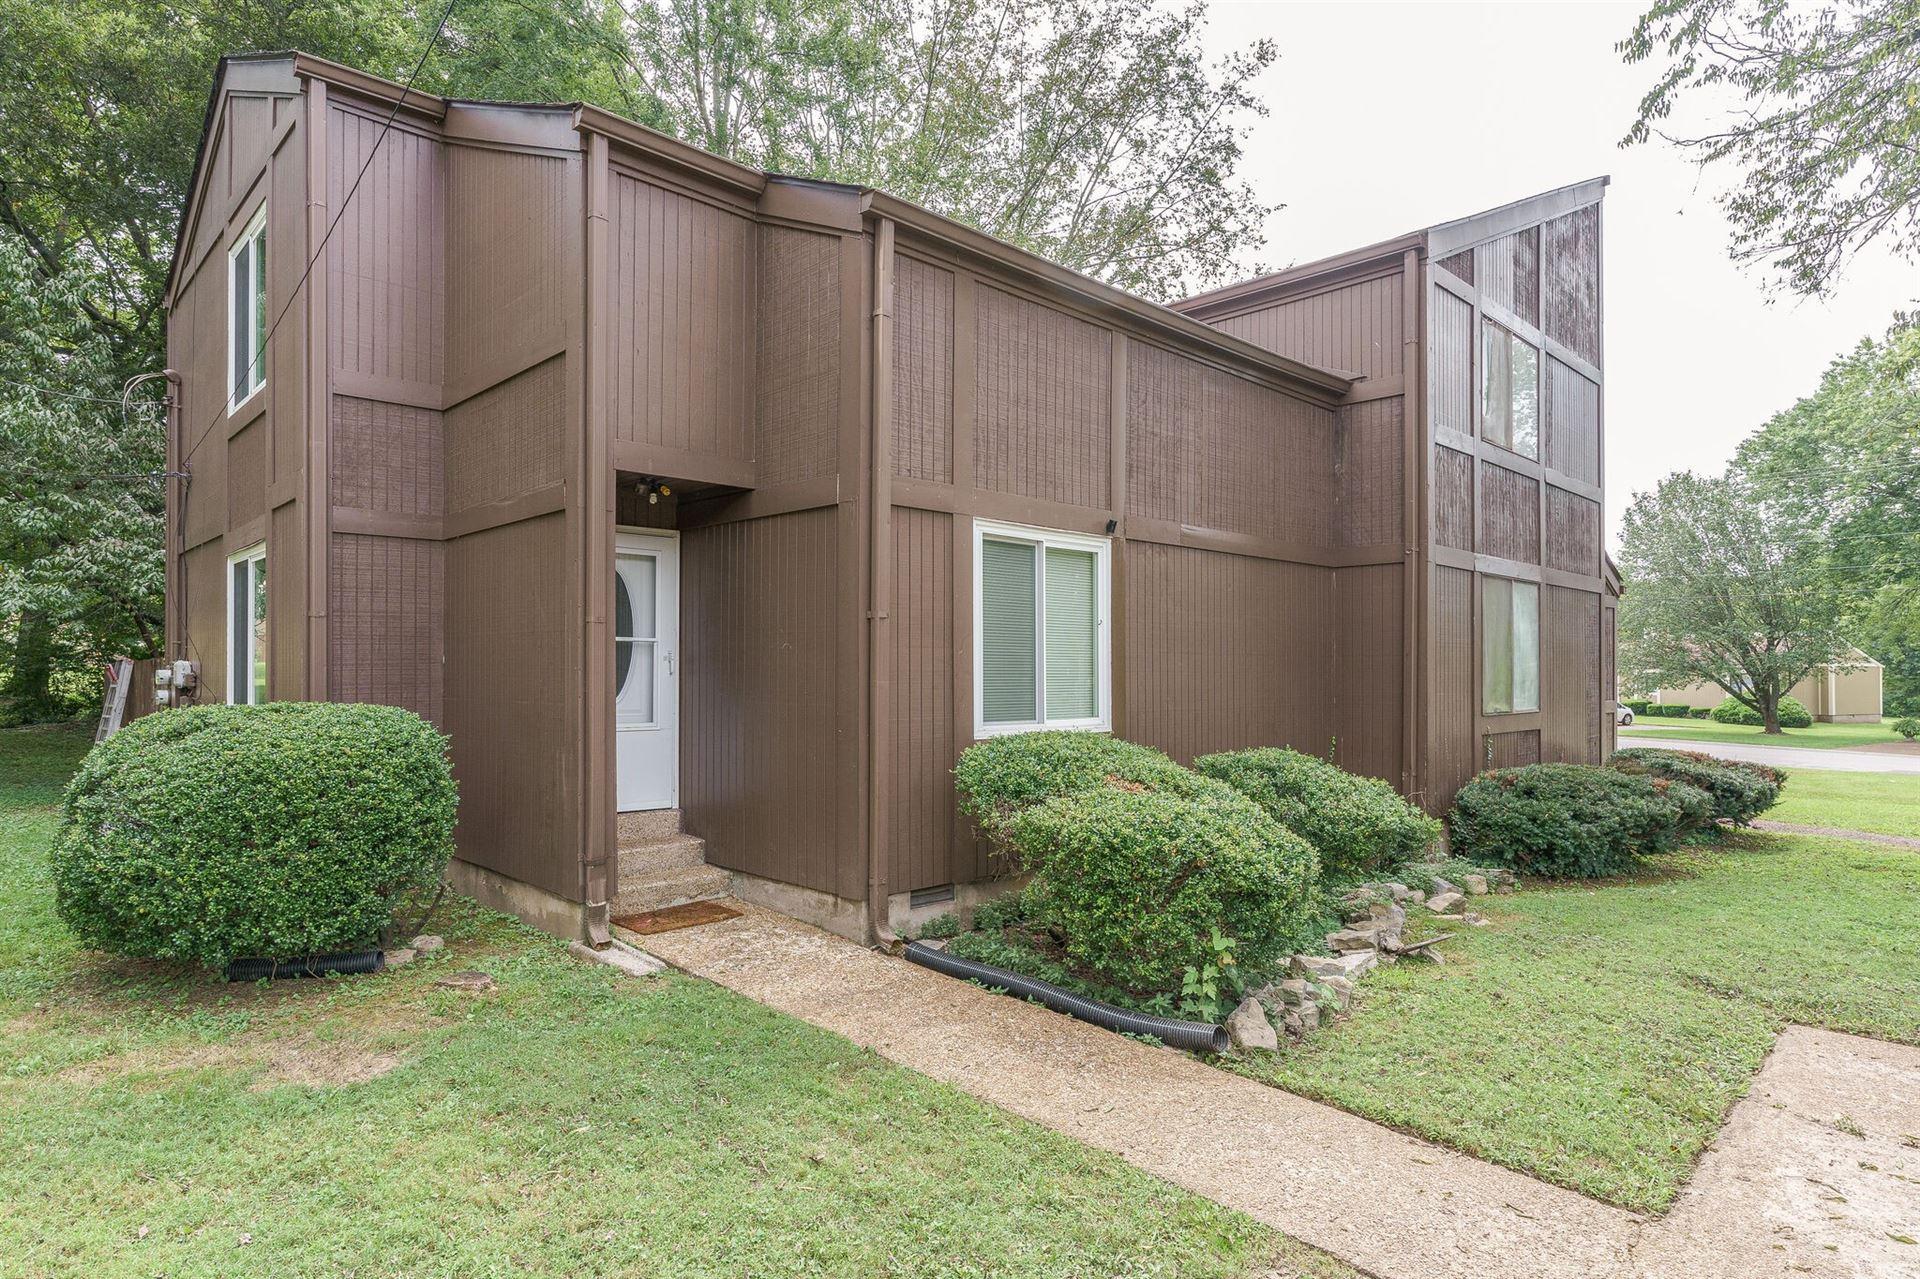 555 Doral Country Dr, Nashville, TN 37221 - MLS#: 2290333